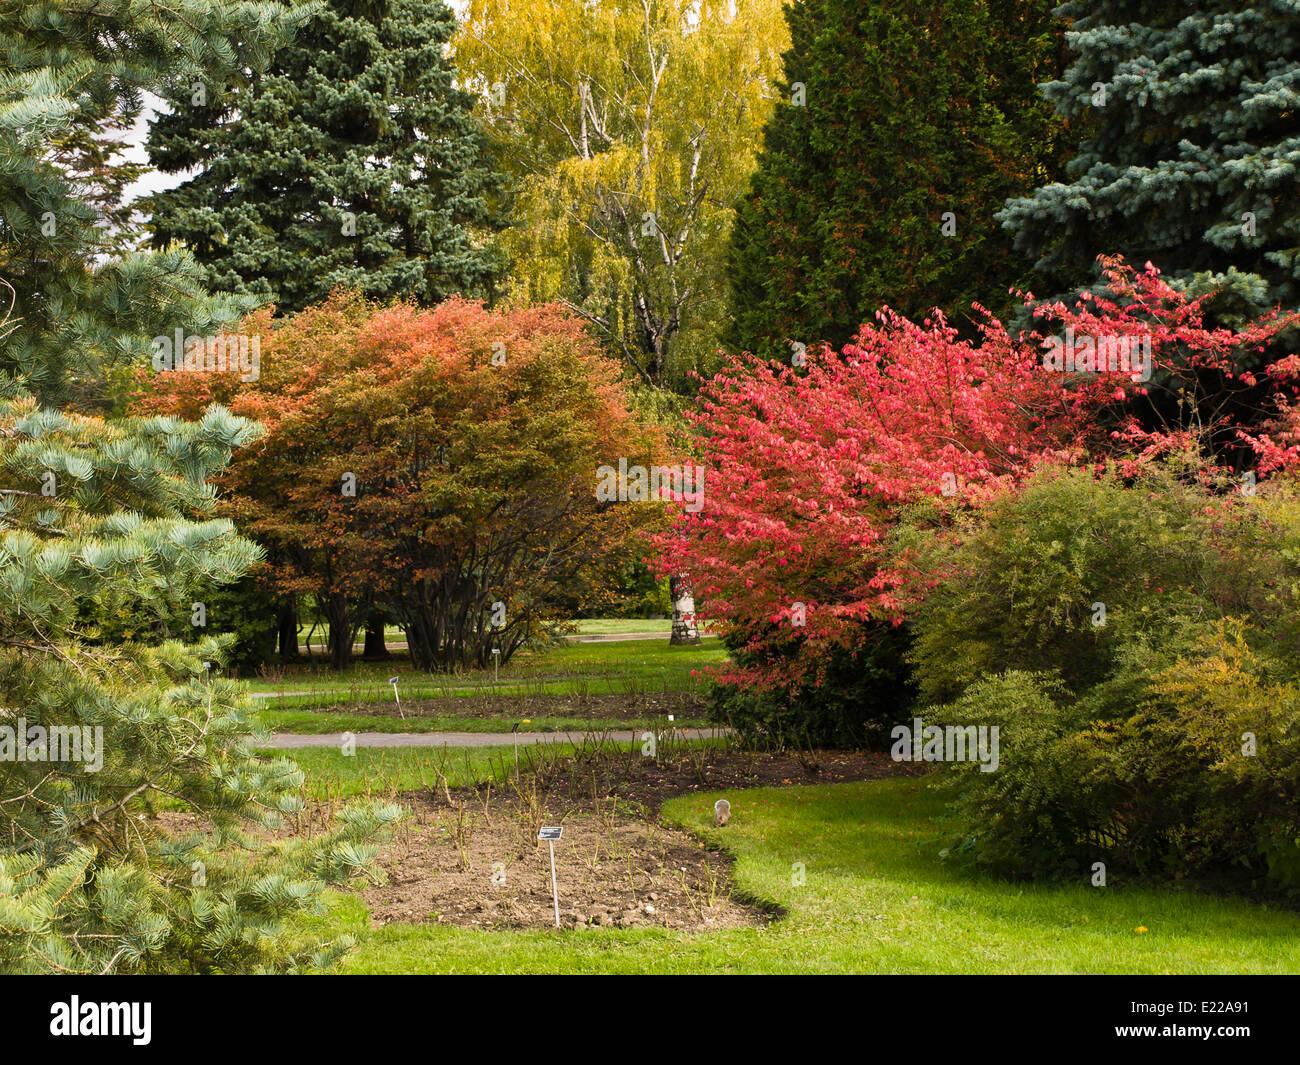 Montreal Botanical Garden Stock Photos & Montreal Botanical Garden ...